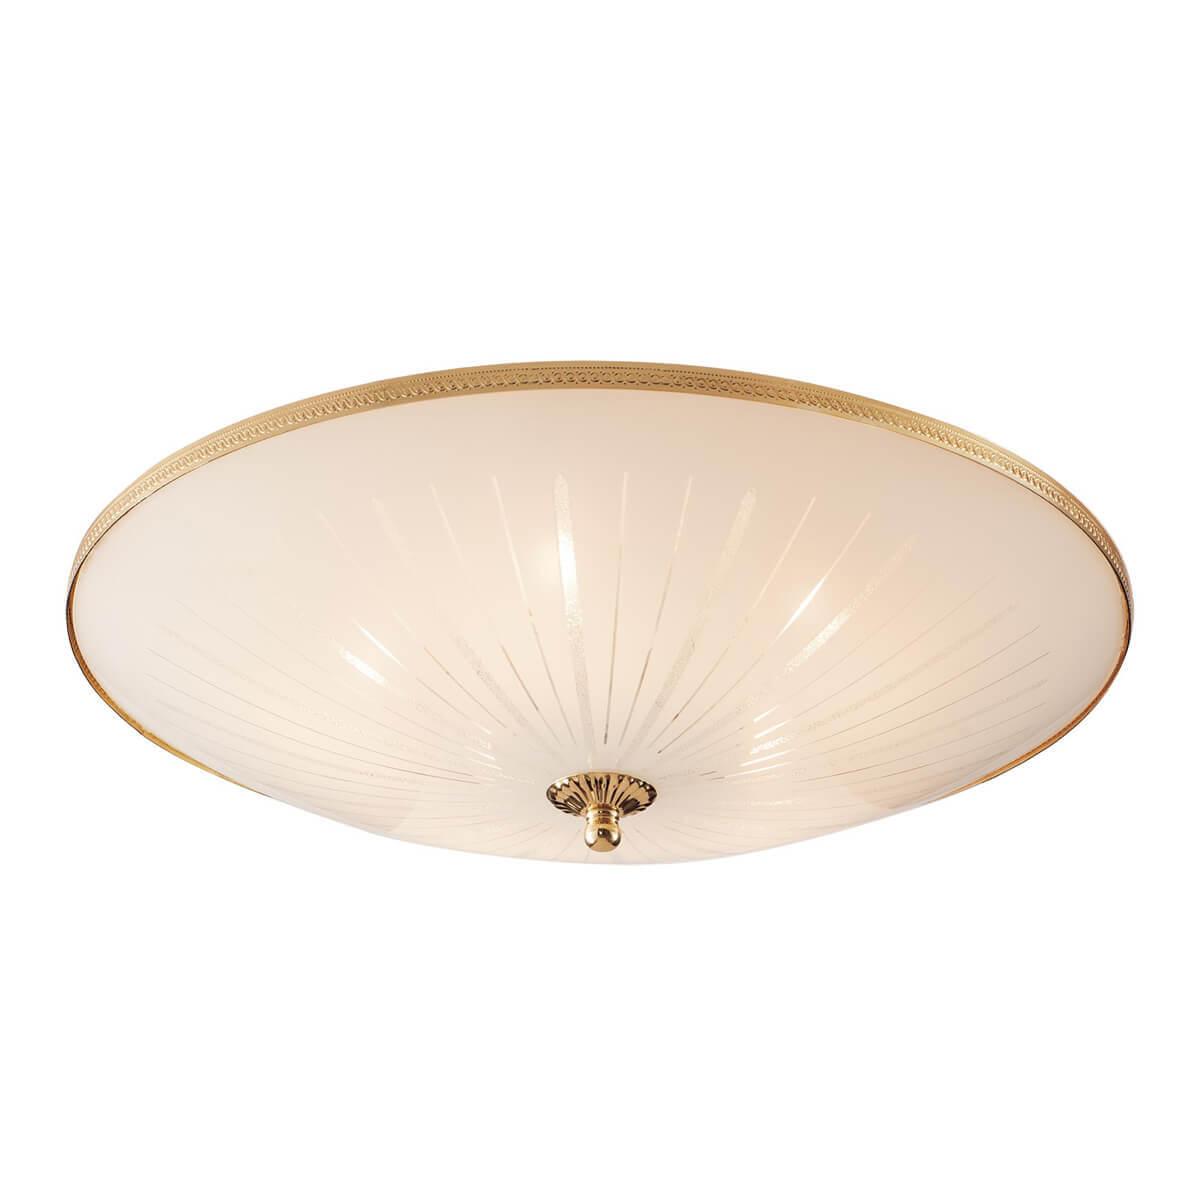 купить Потолочный светильник Citilux Кристалл CL912521 дешево